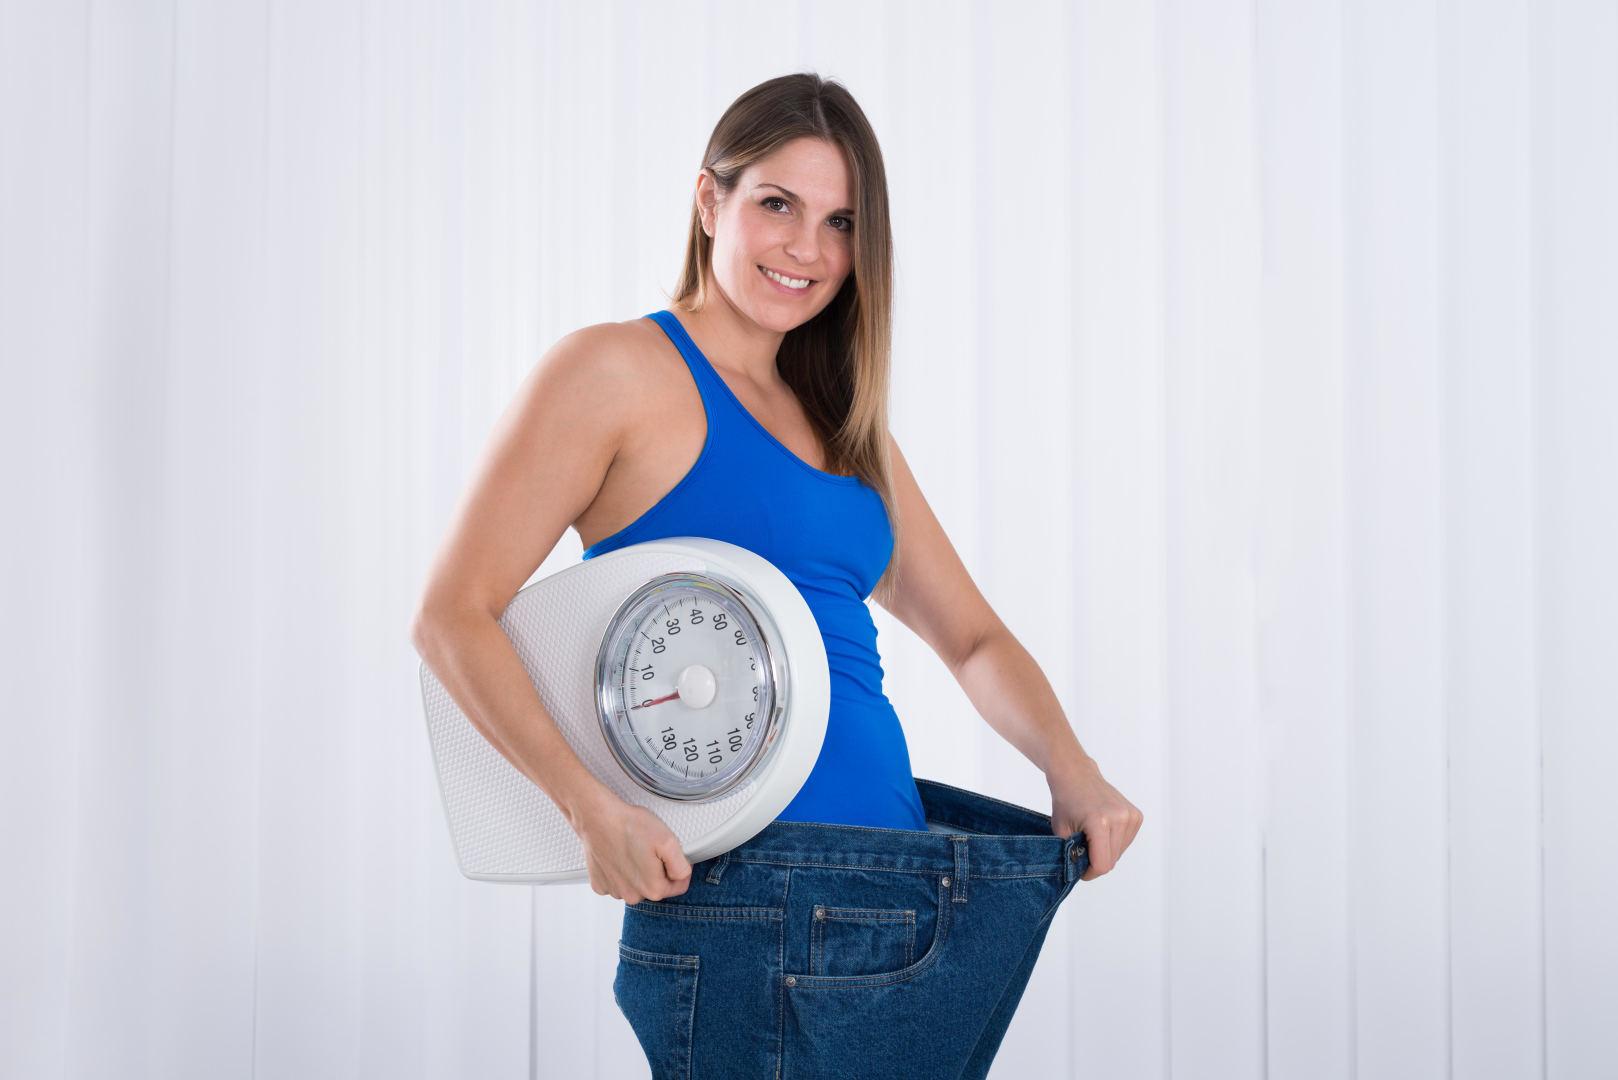 wlwc svorio netekimas ar dainavimas verčia mesti svorį